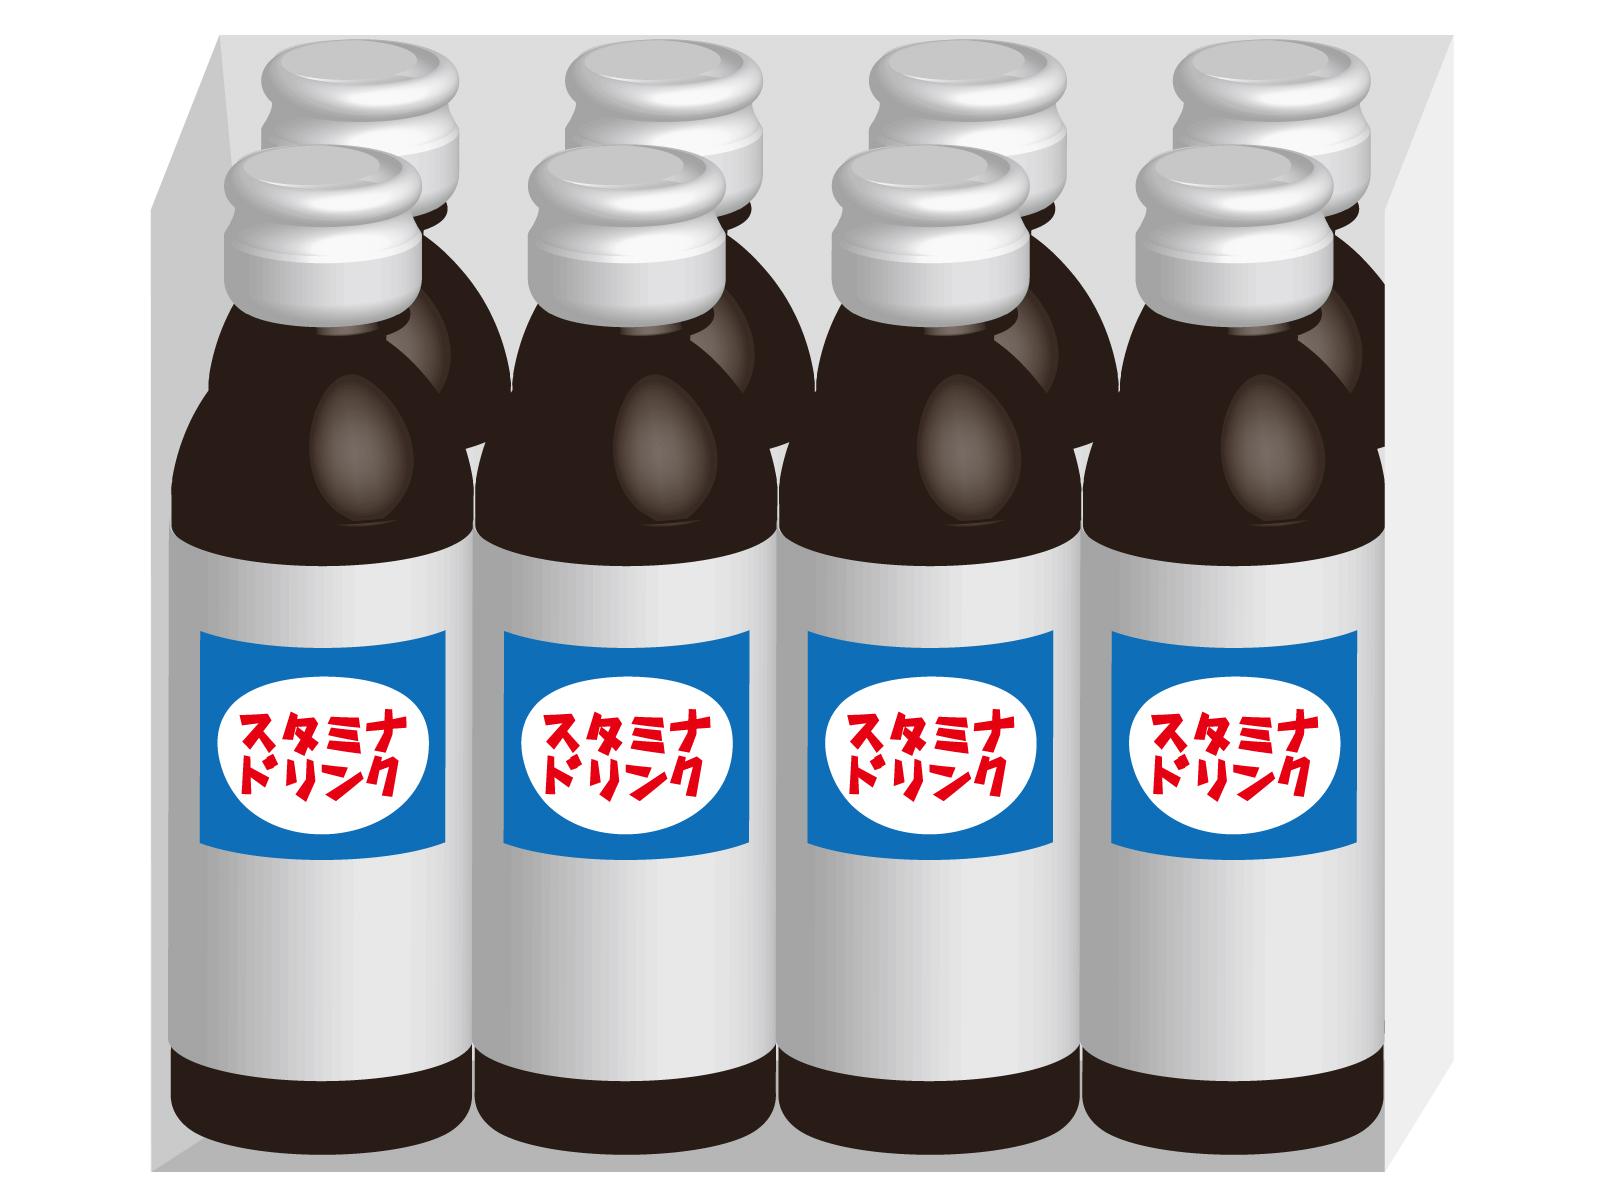 スタミナドリンクのビンの色は、何故茶色?